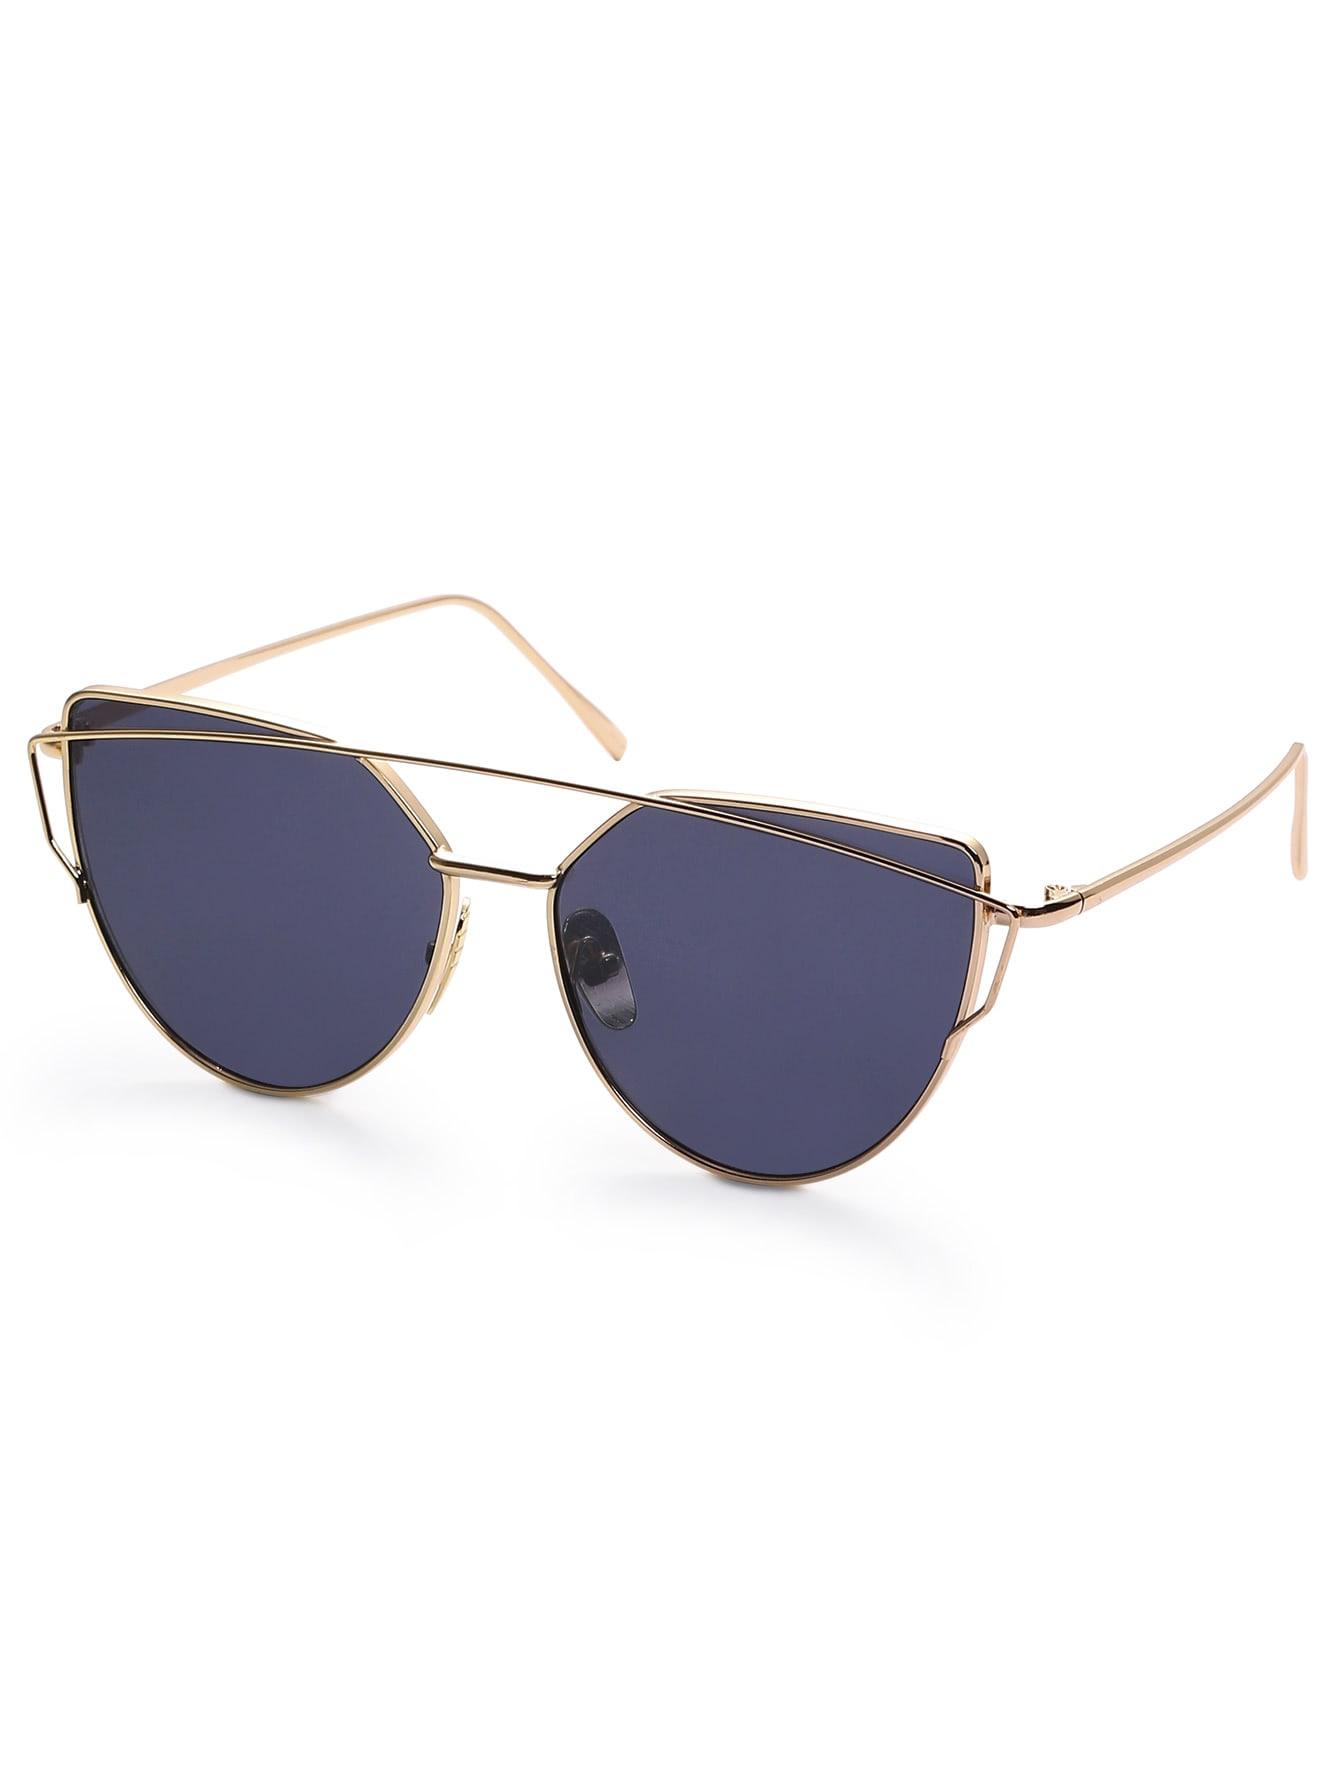 Gold Frame Black Lenses Sunglasses : Gold Frame Black Reflective Lenses Sunglasses -SheIn ...